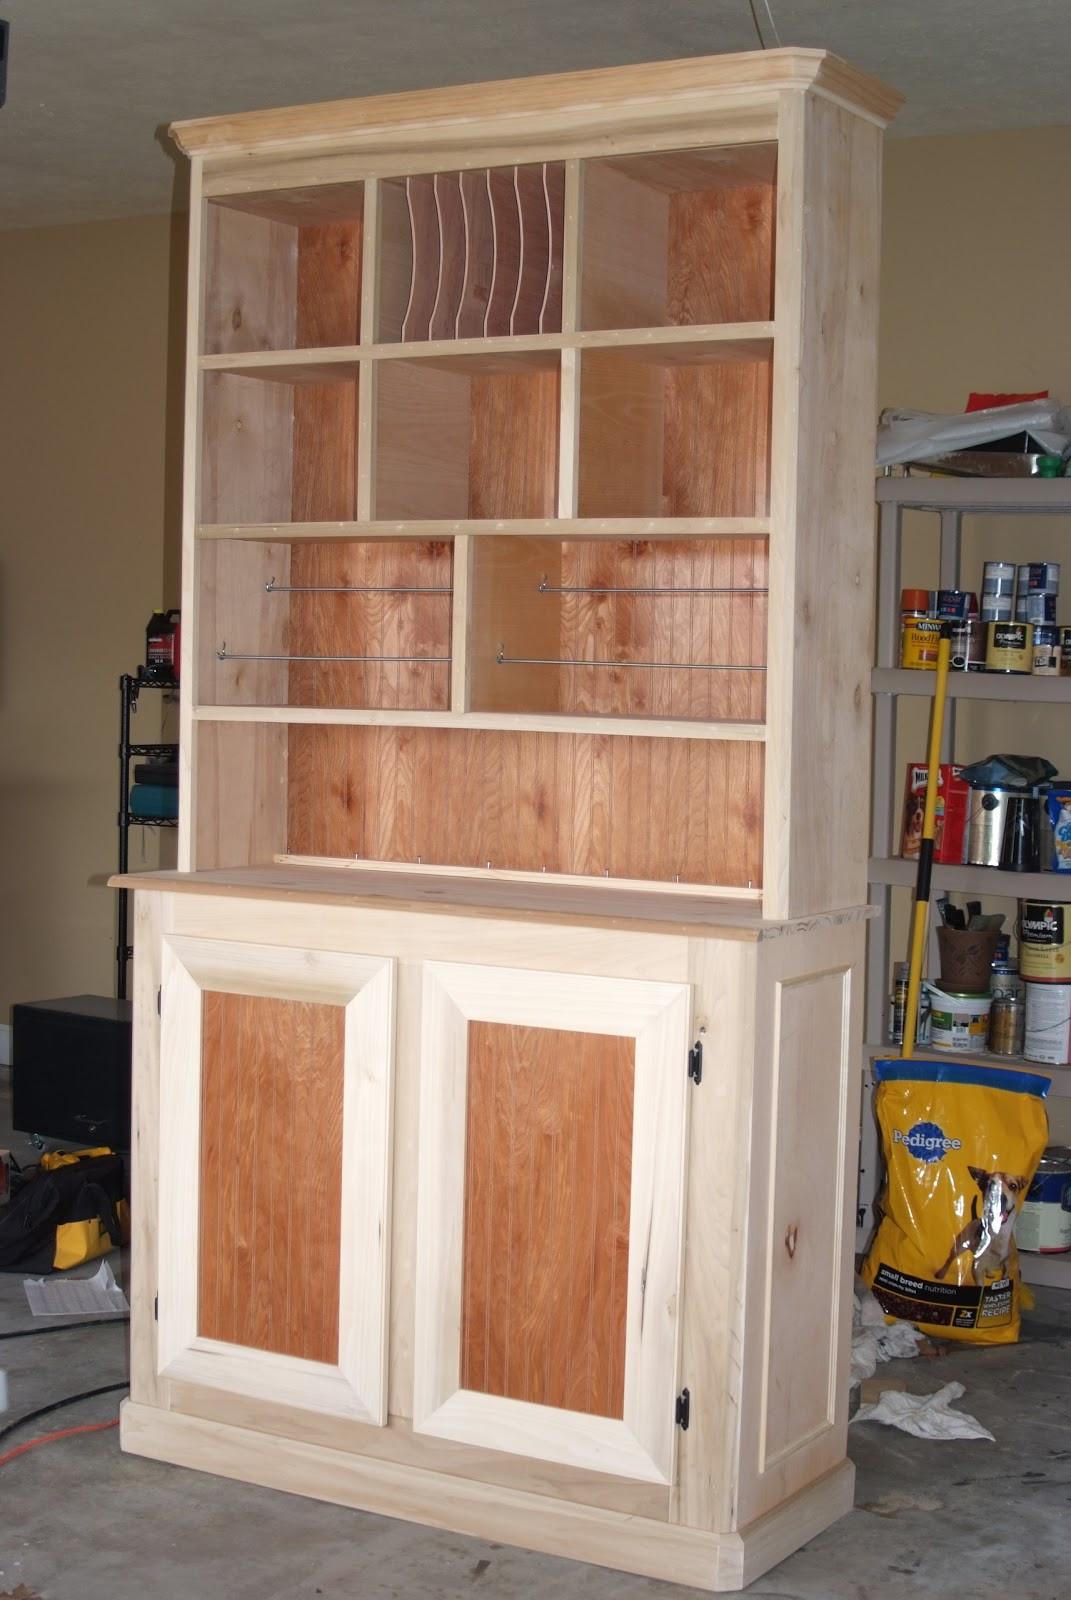 Best ideas about Craft Storage Cabinets . Save or Pin Kiwi Wood Werks & Designs & Designs Craft Storage Now.